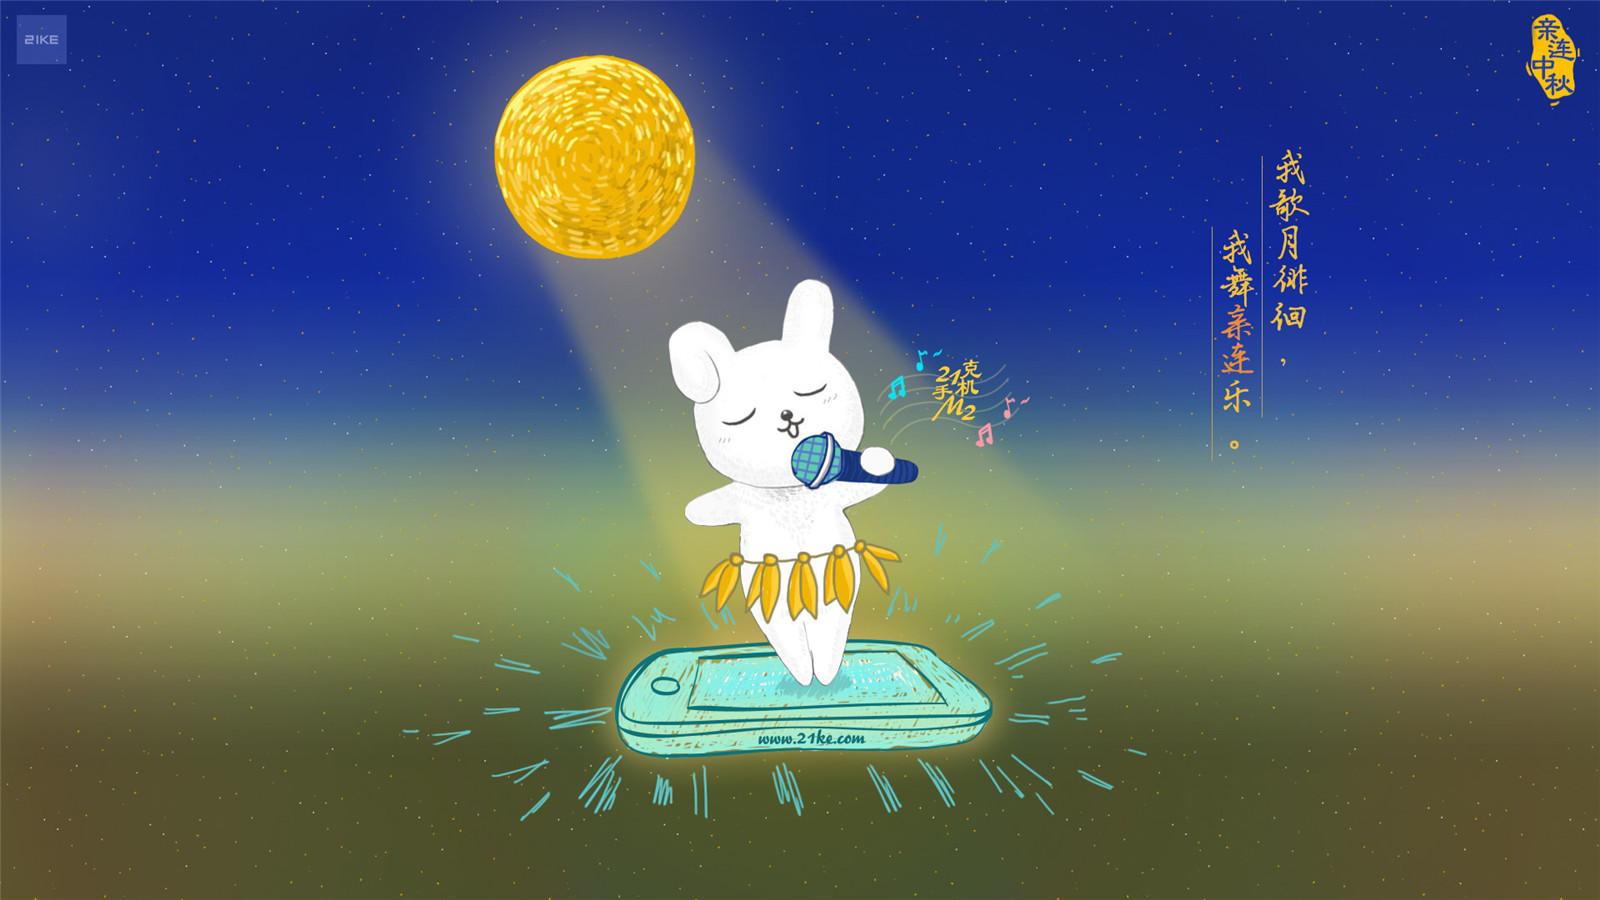 玉兔PPT背景图片免费下载是由PPT宝藏(www.pptbz.com)会员zengmin上传推荐的节日PPT背景图片, 更新时间为2016-09-27,素材编号103727。 玉兔本是后羿,因为嫦娥奔月,而又思念后羿,后羿为了和嫦娥在一起,情愿变成了她最爱的小动物--玉兔,可惜嫦娥始终不知玉兔就是她日夜思念的后羿!